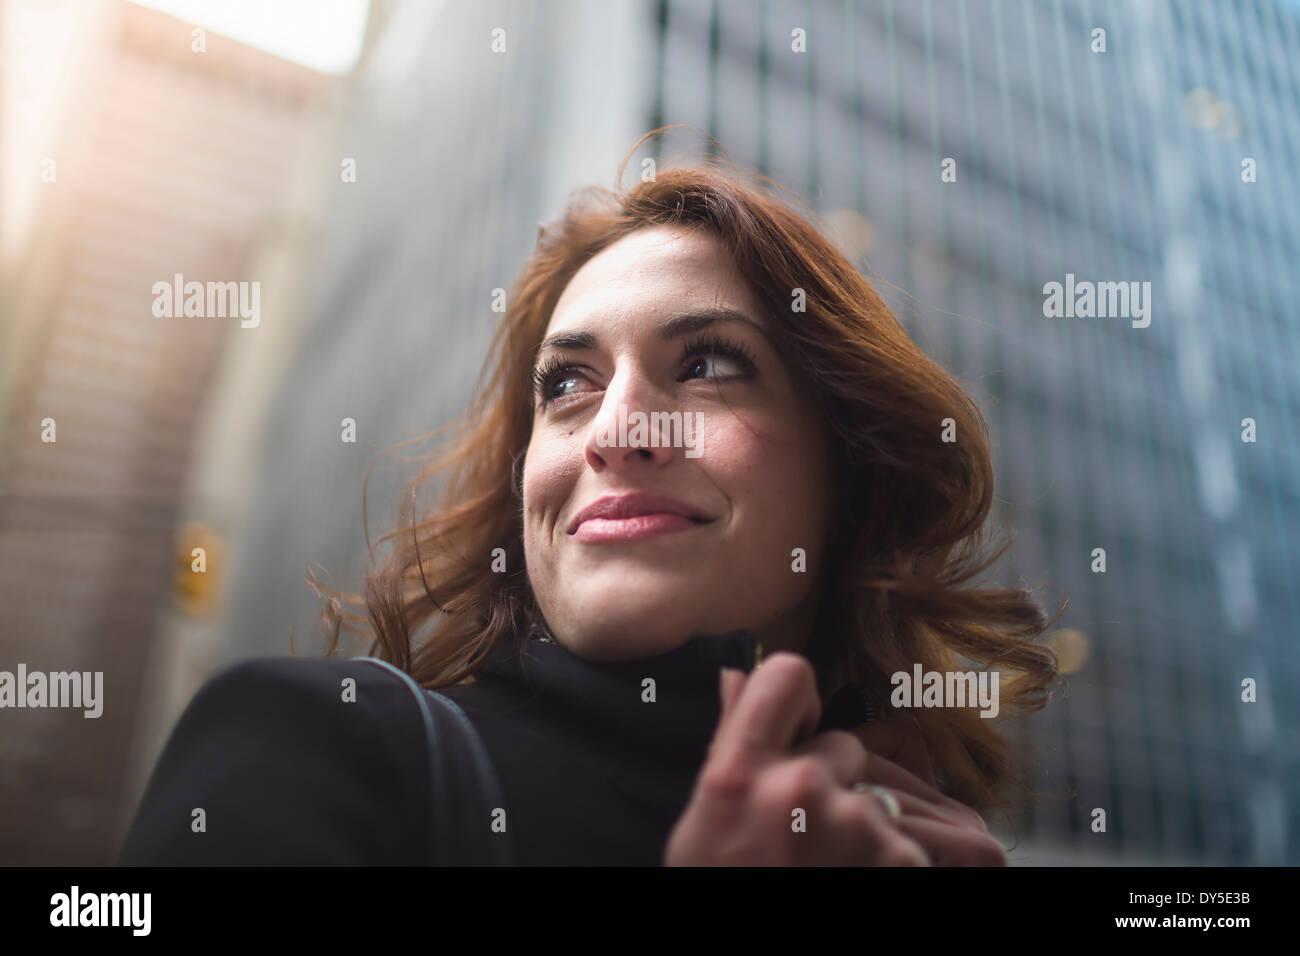 Young woman on street, New York, USA - Stock Image